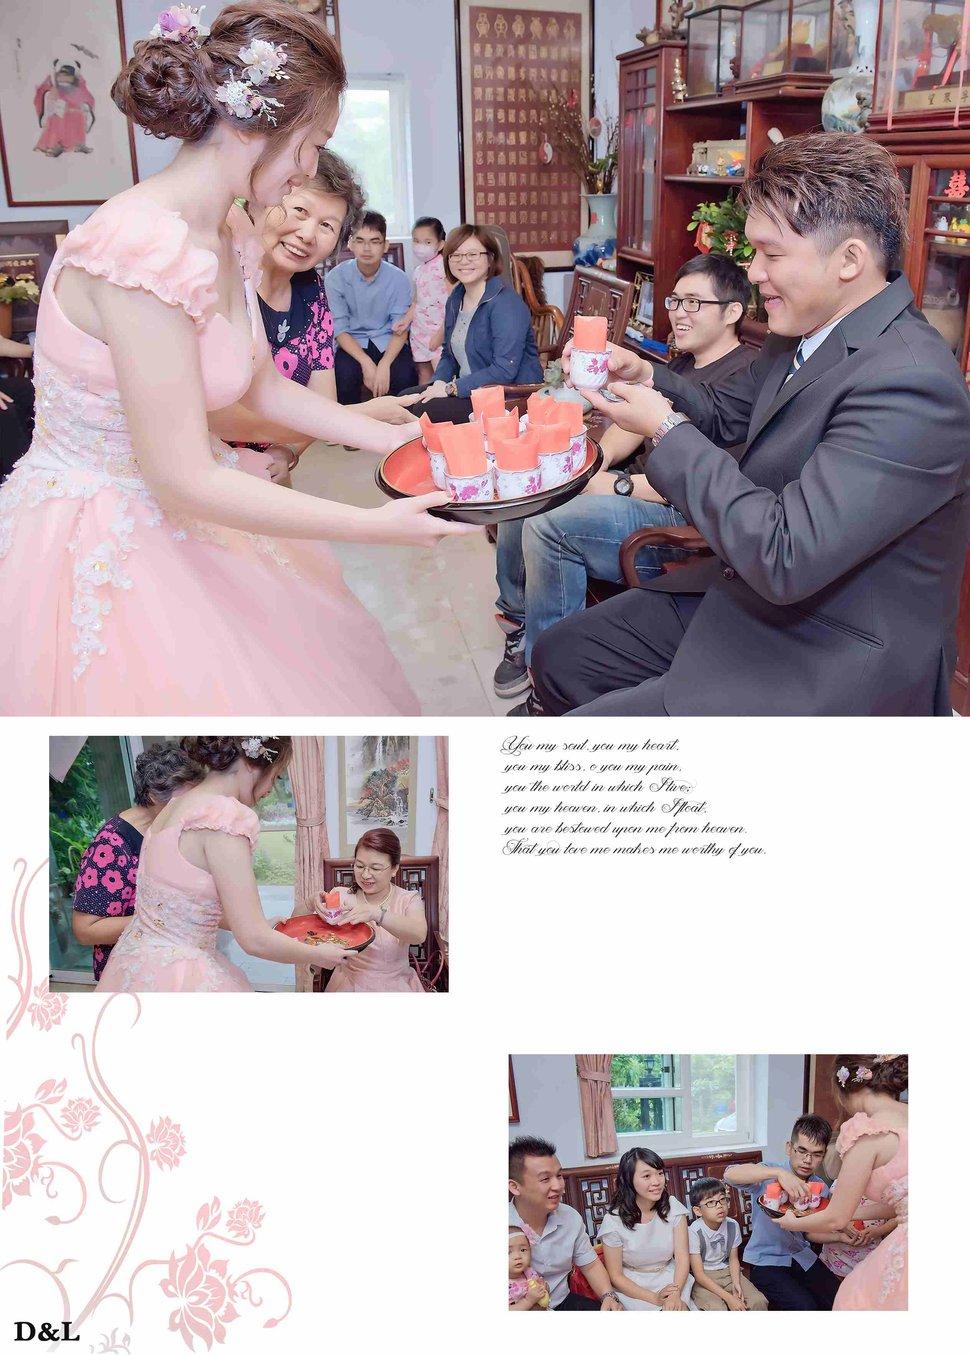 苗栗婚攝 婚禮記錄 俊明&少怡 欣桂竹園餐廳(編號:248802) - D&L 婚禮事務-婚紗攝影/婚禮記錄 - 結婚吧